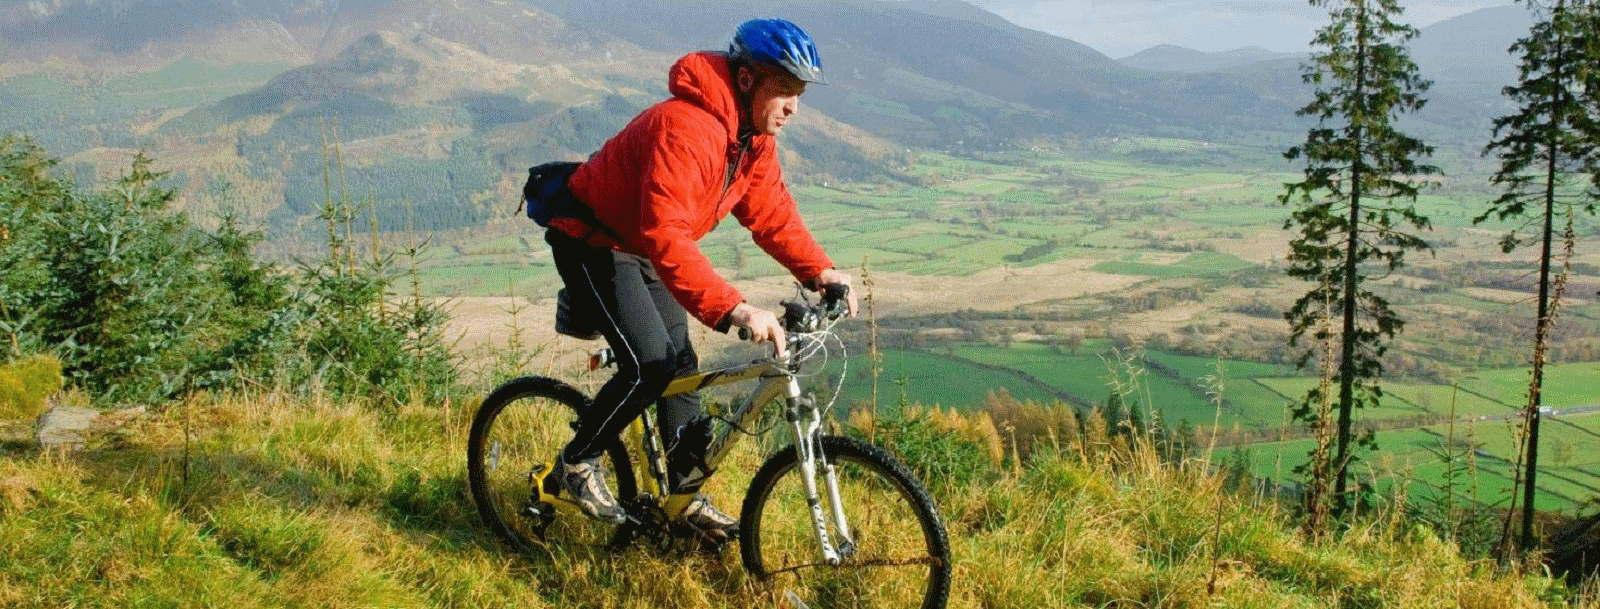 whinlatter forest mountain biking